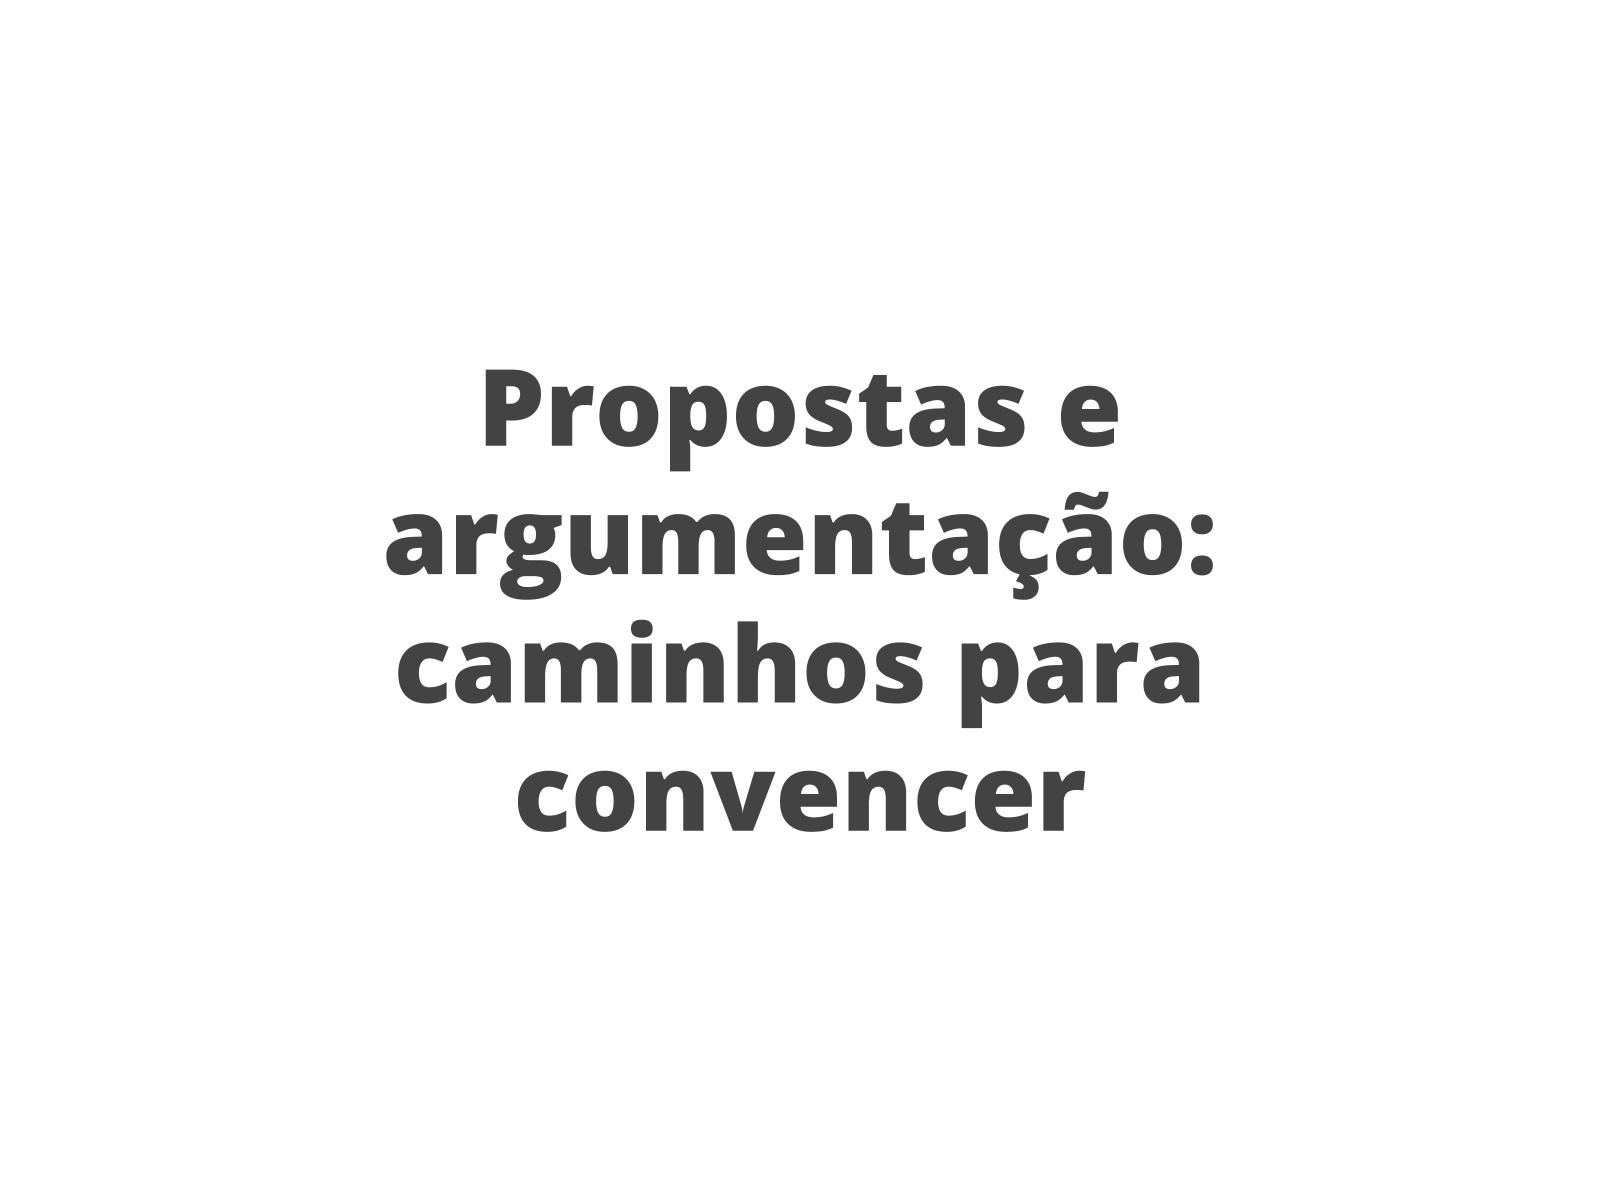 Argumentação e convencimento